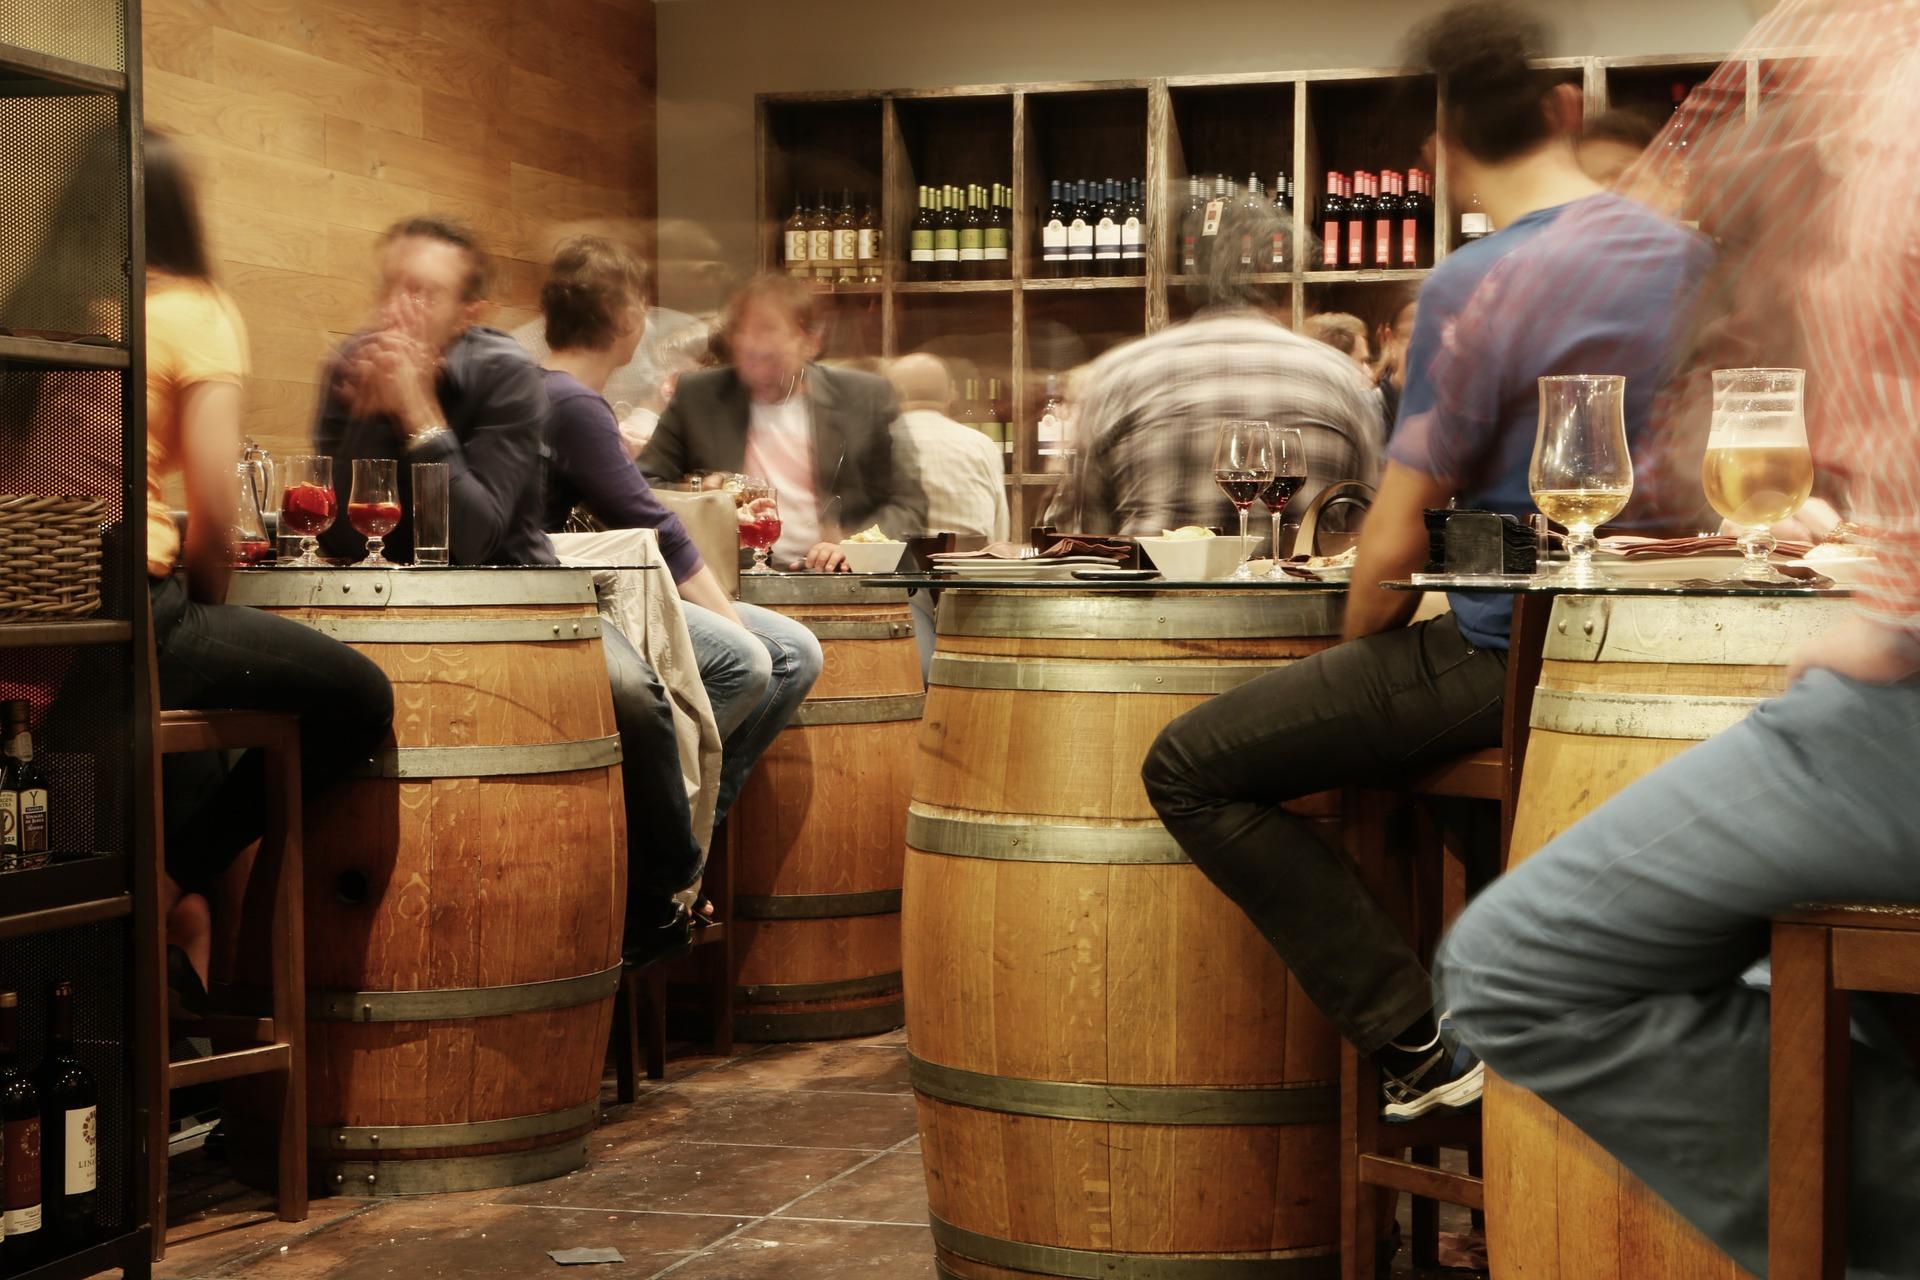 COPRISEM ordena suspensión de restaurantes-bar en Toluca